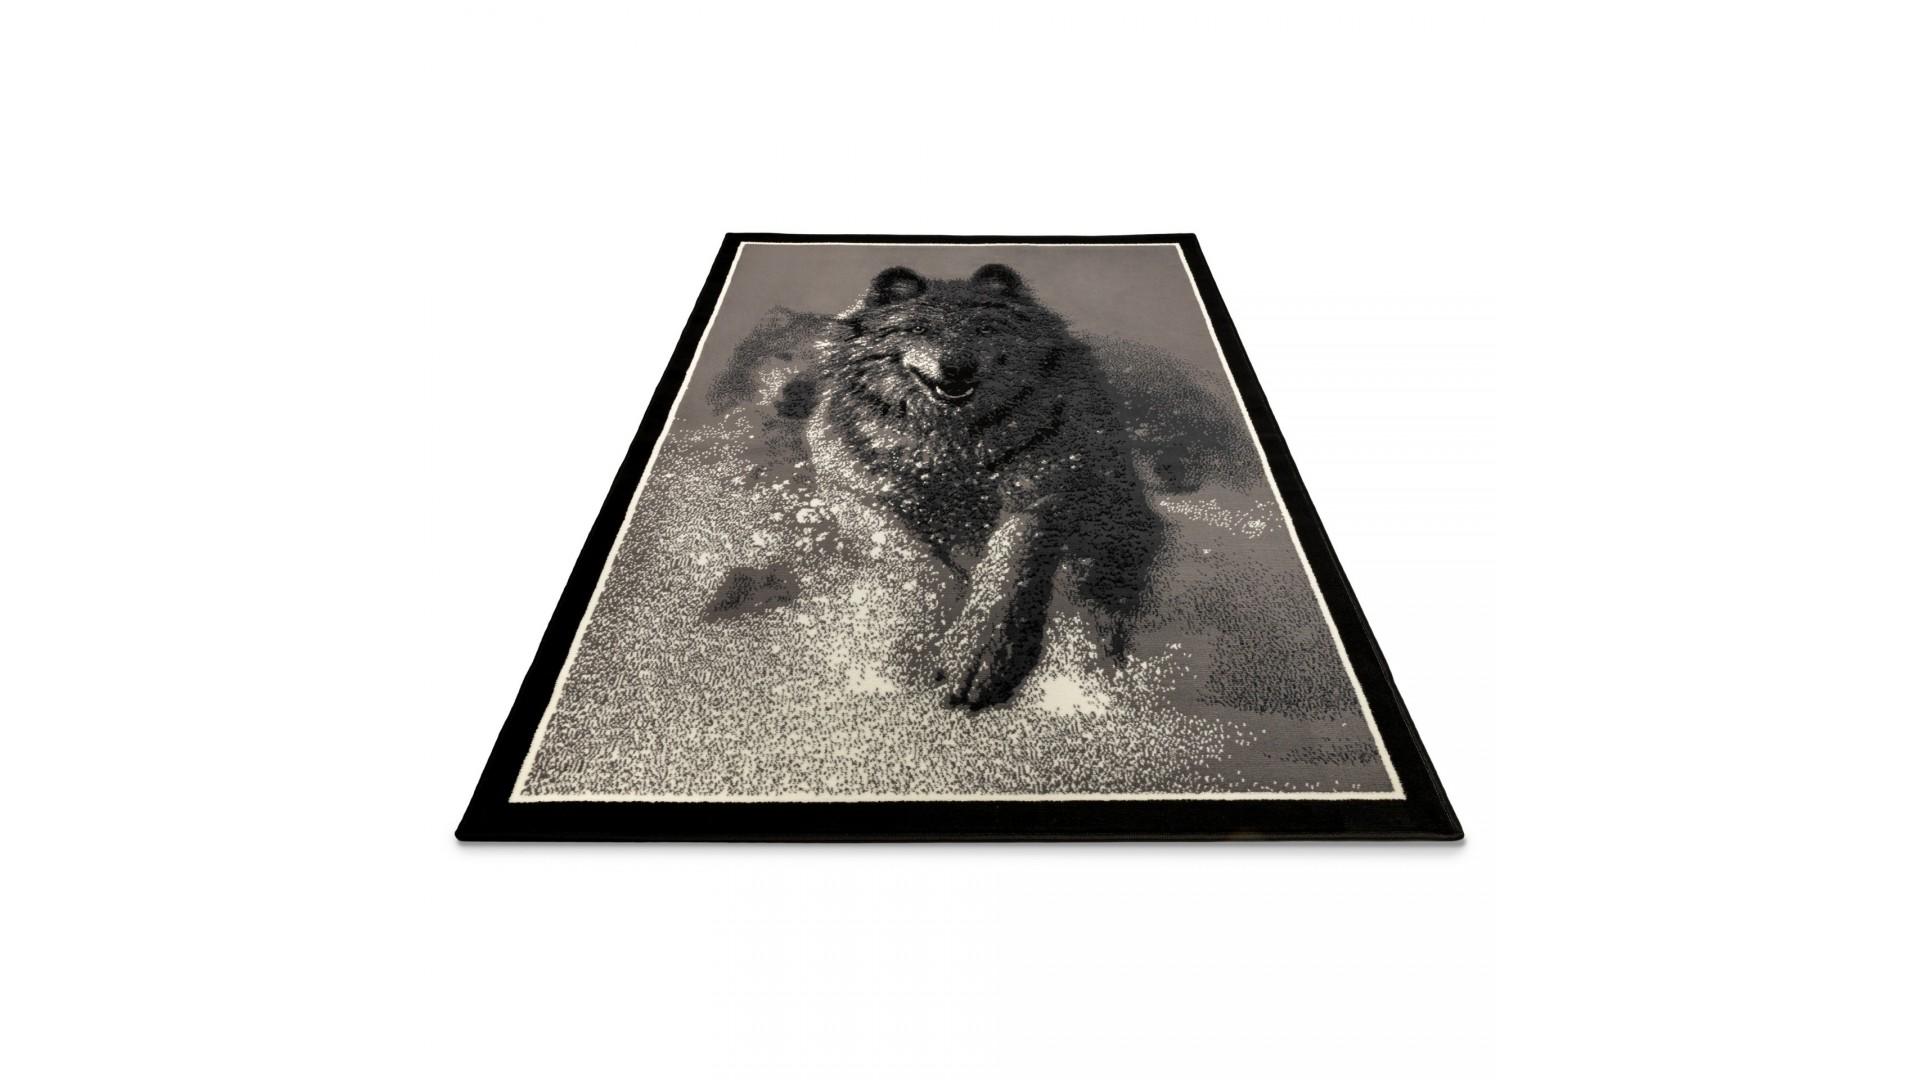 Nowoczesny dywan z przepięknym psem Hasky idealnie pasuje do każdego nowoczesnego wnętrza.